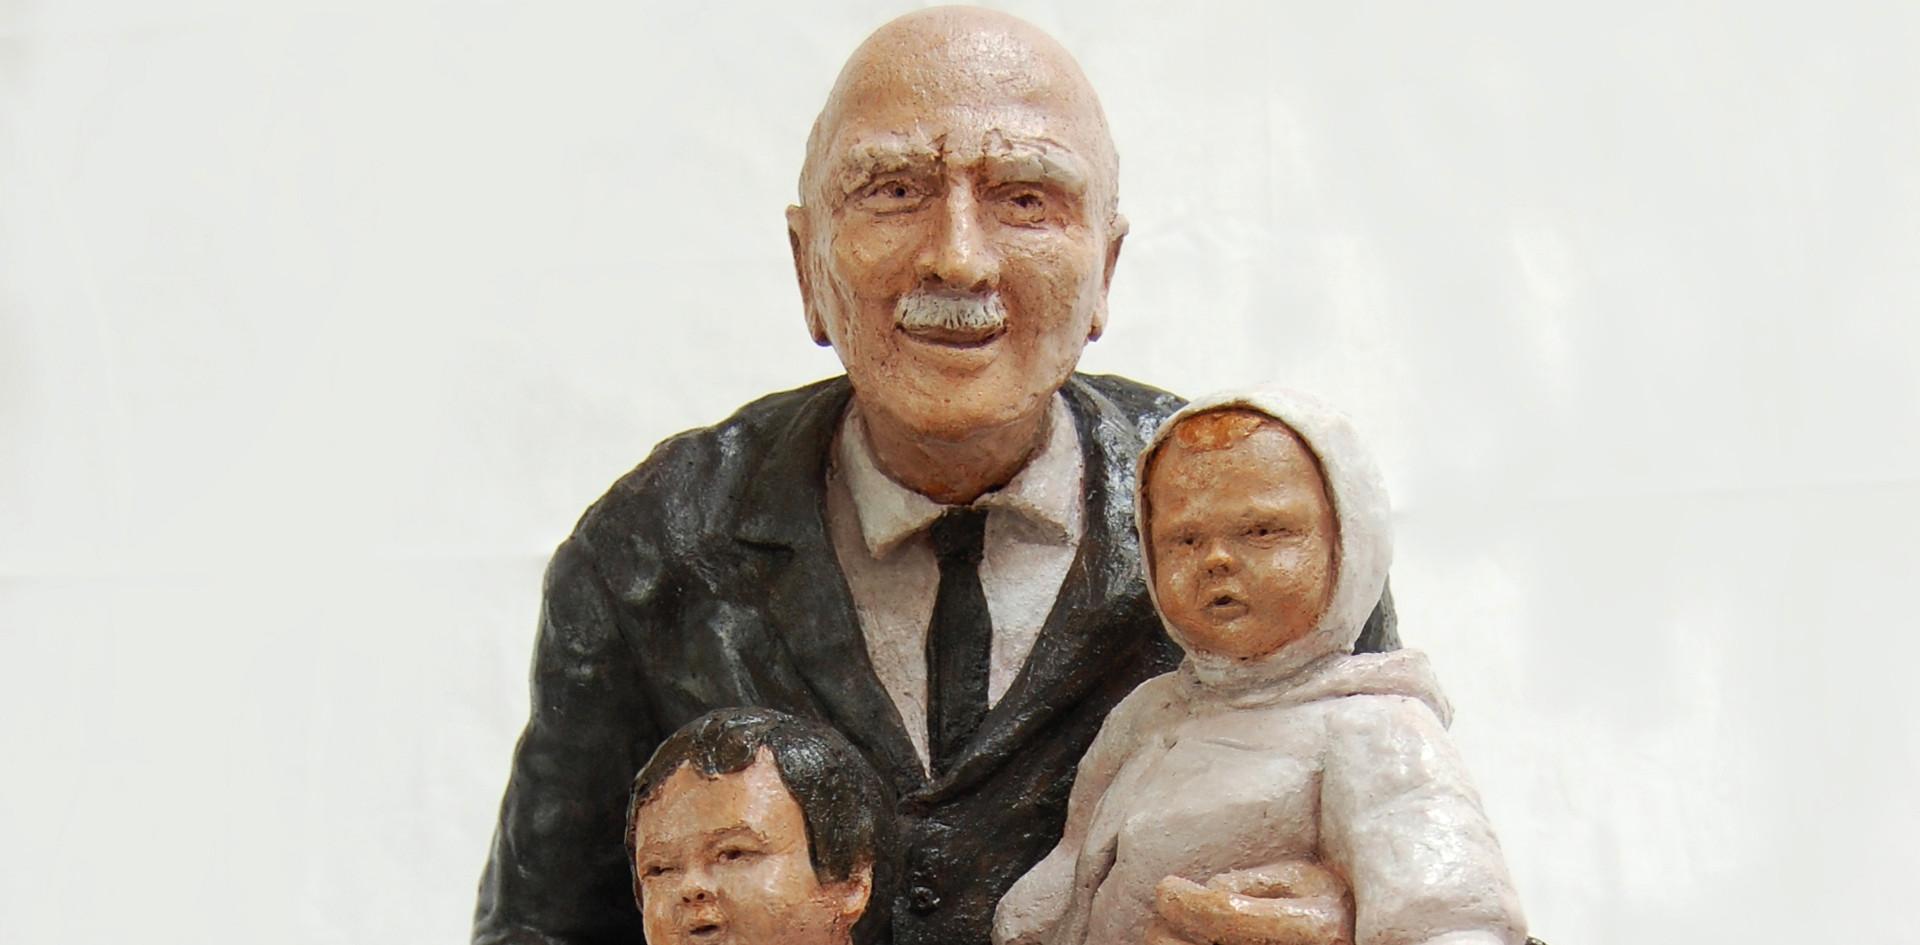 Grand father